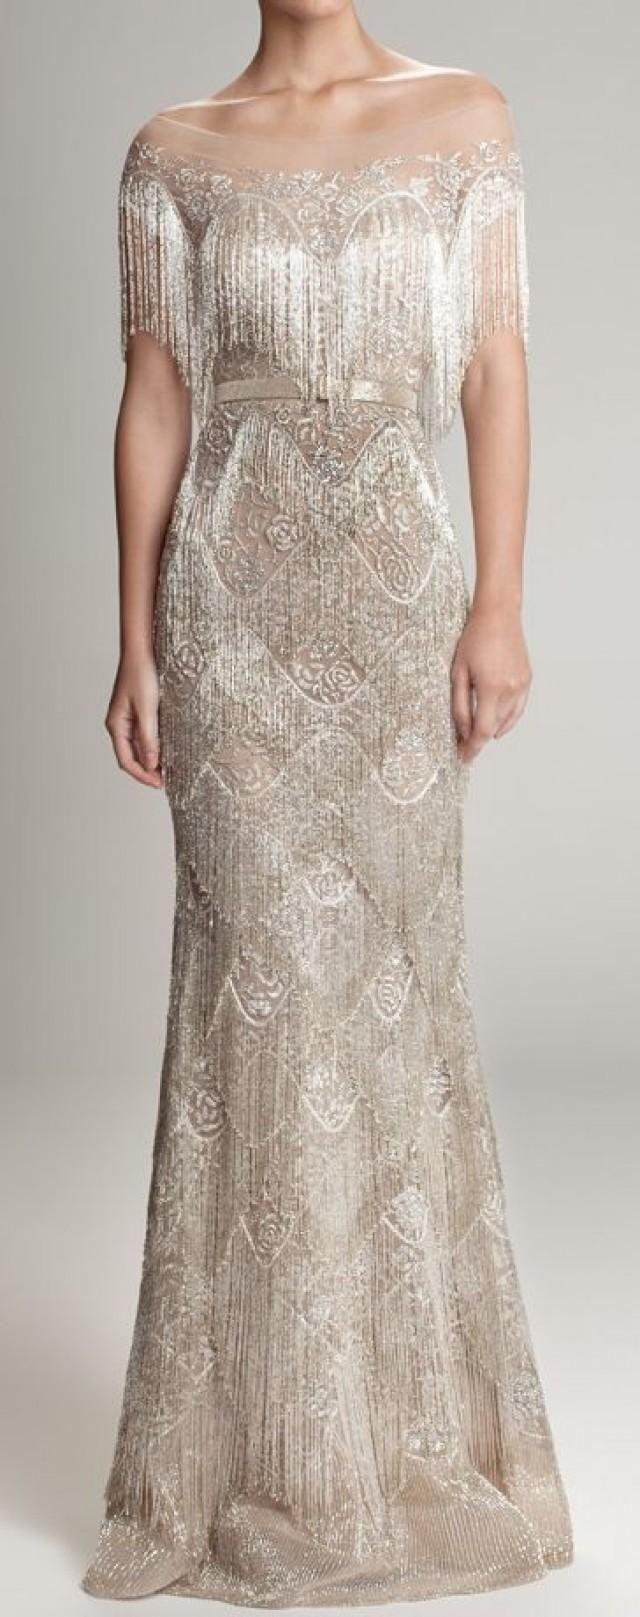 16 besten Lace Bilder auf Pinterest   Hochzeitskleider, Hochzeiten ...